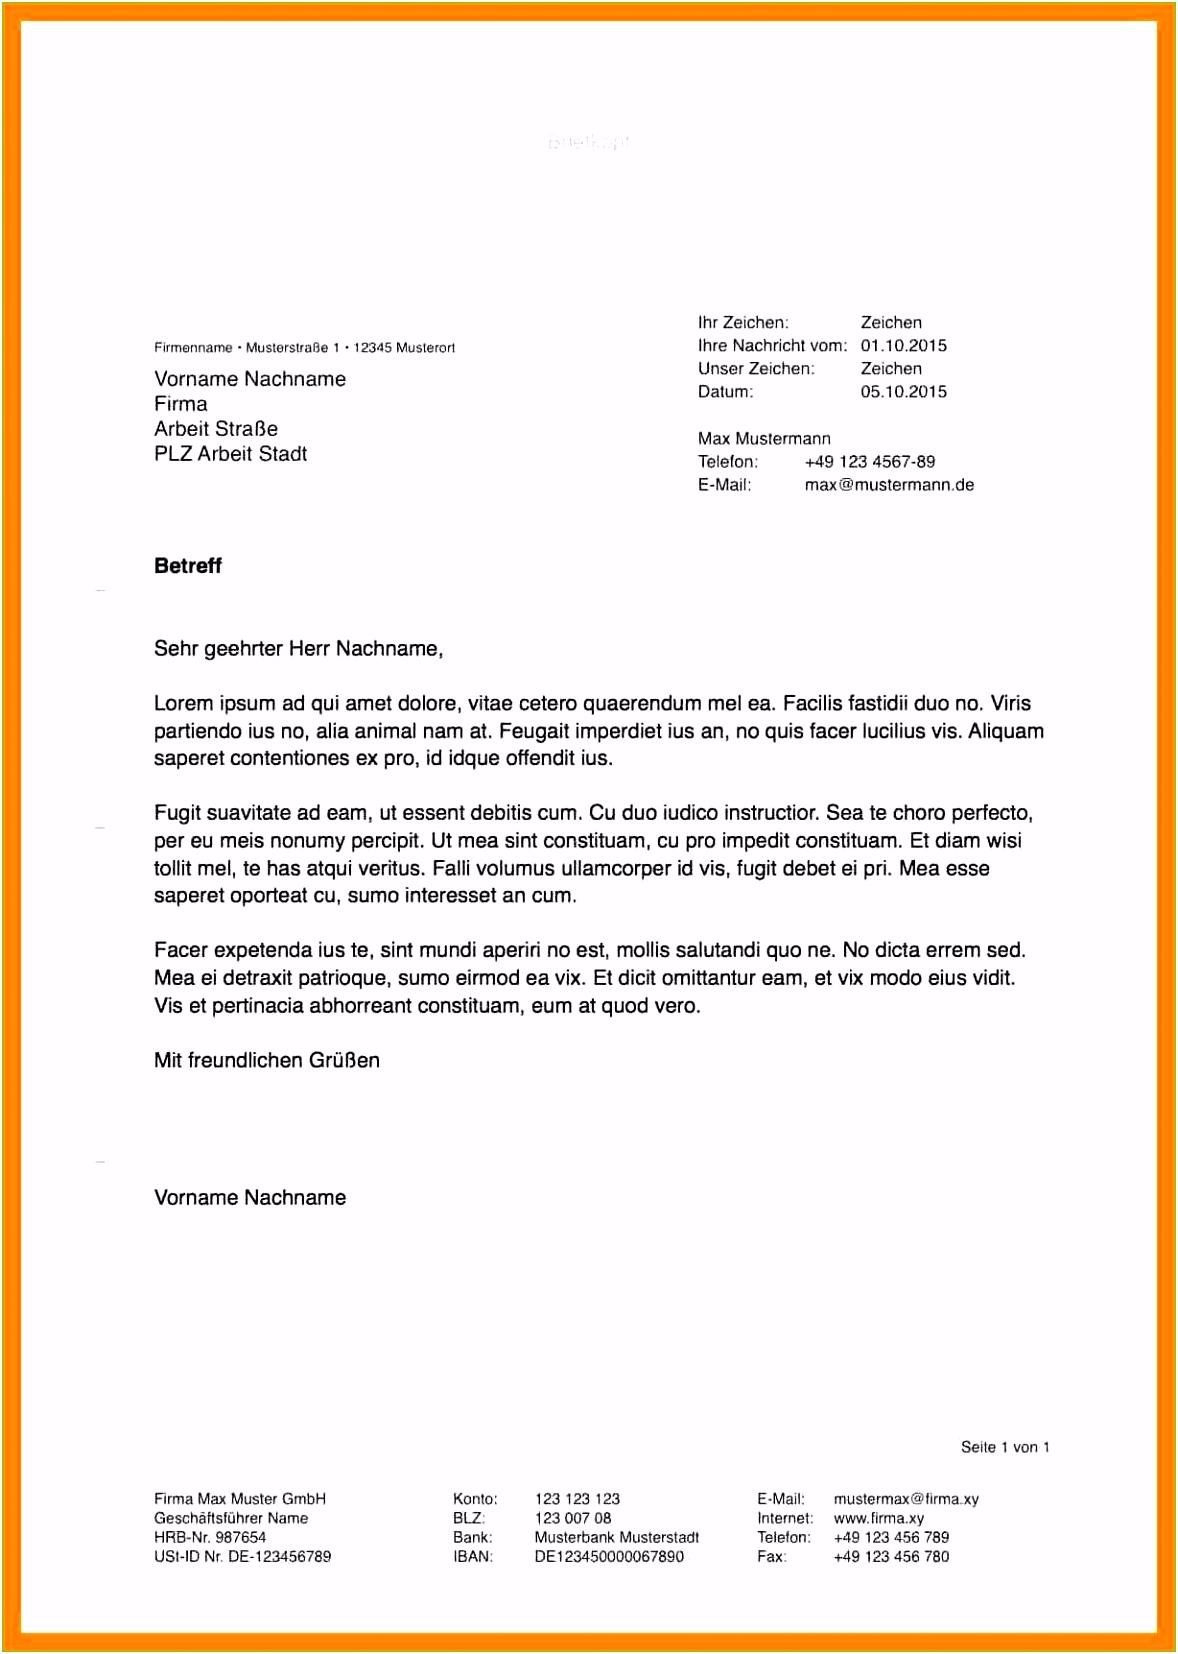 Briefpapier Din 5008 Vorlage Indesign Din 5008 Vorlage Docx M4wg08fyd3 Hmot5sfaeu